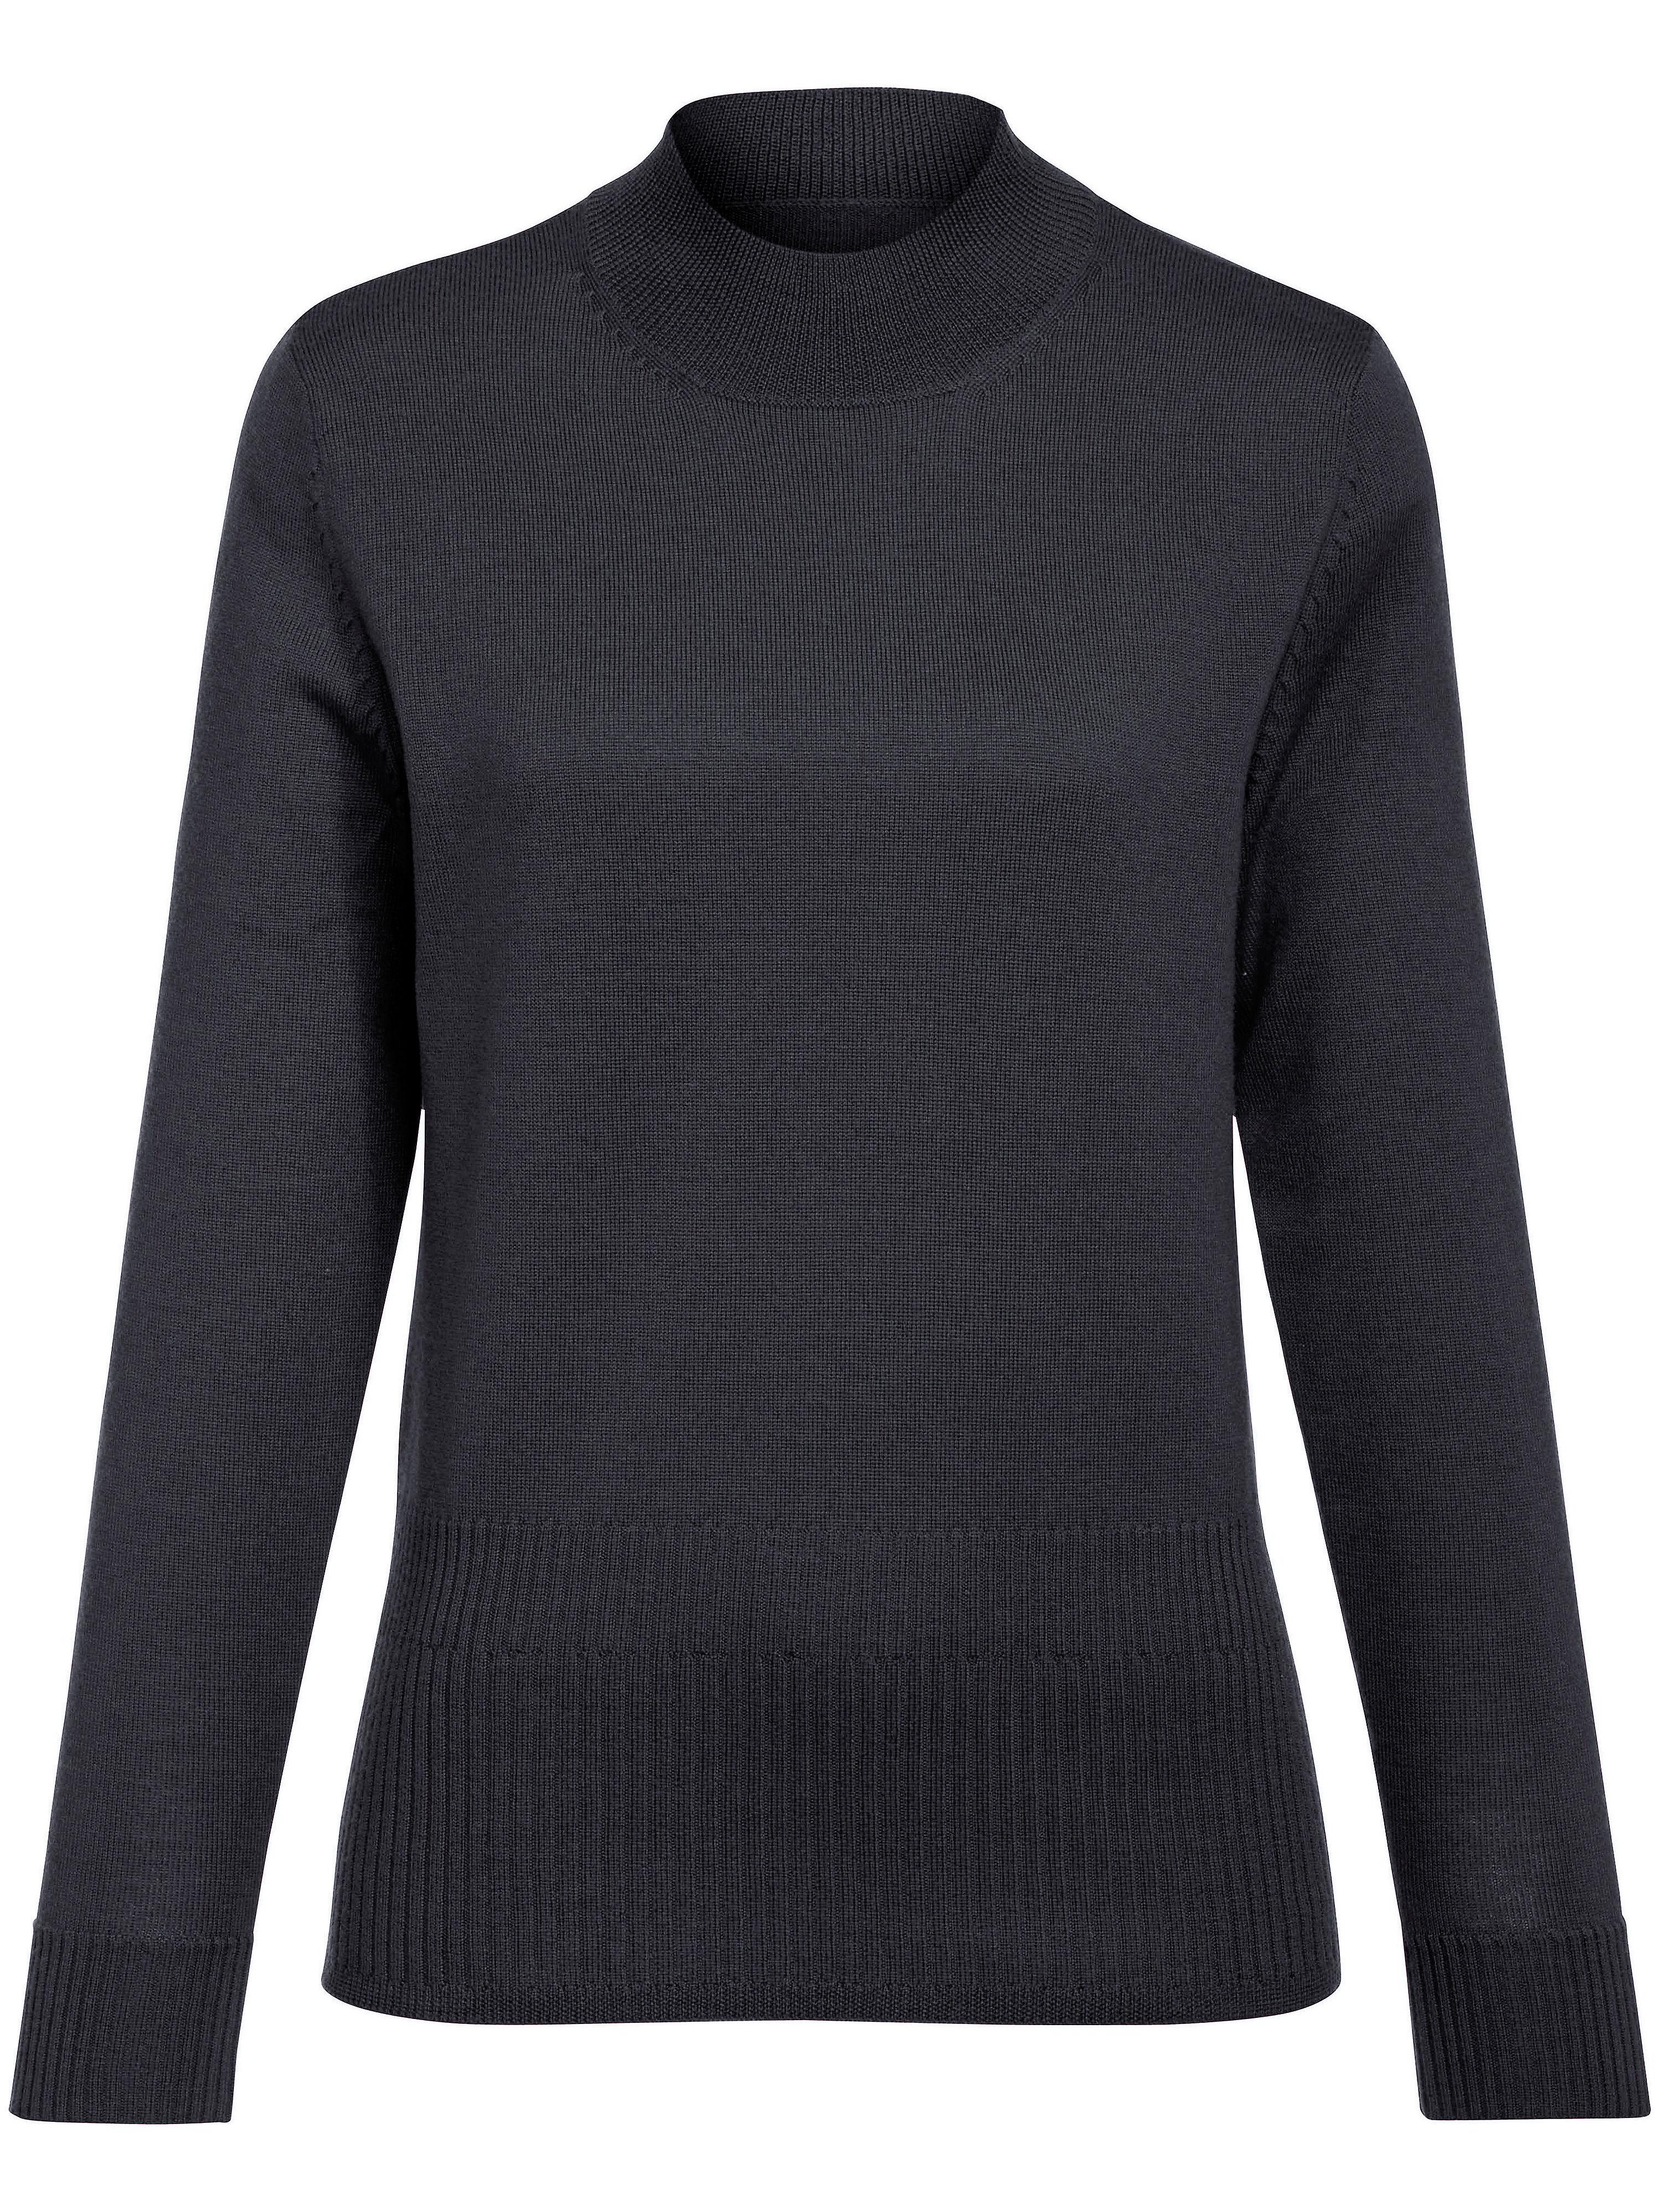 peter hahn - Pullover aus 100% Schurwolle BIELLA YARN  blau